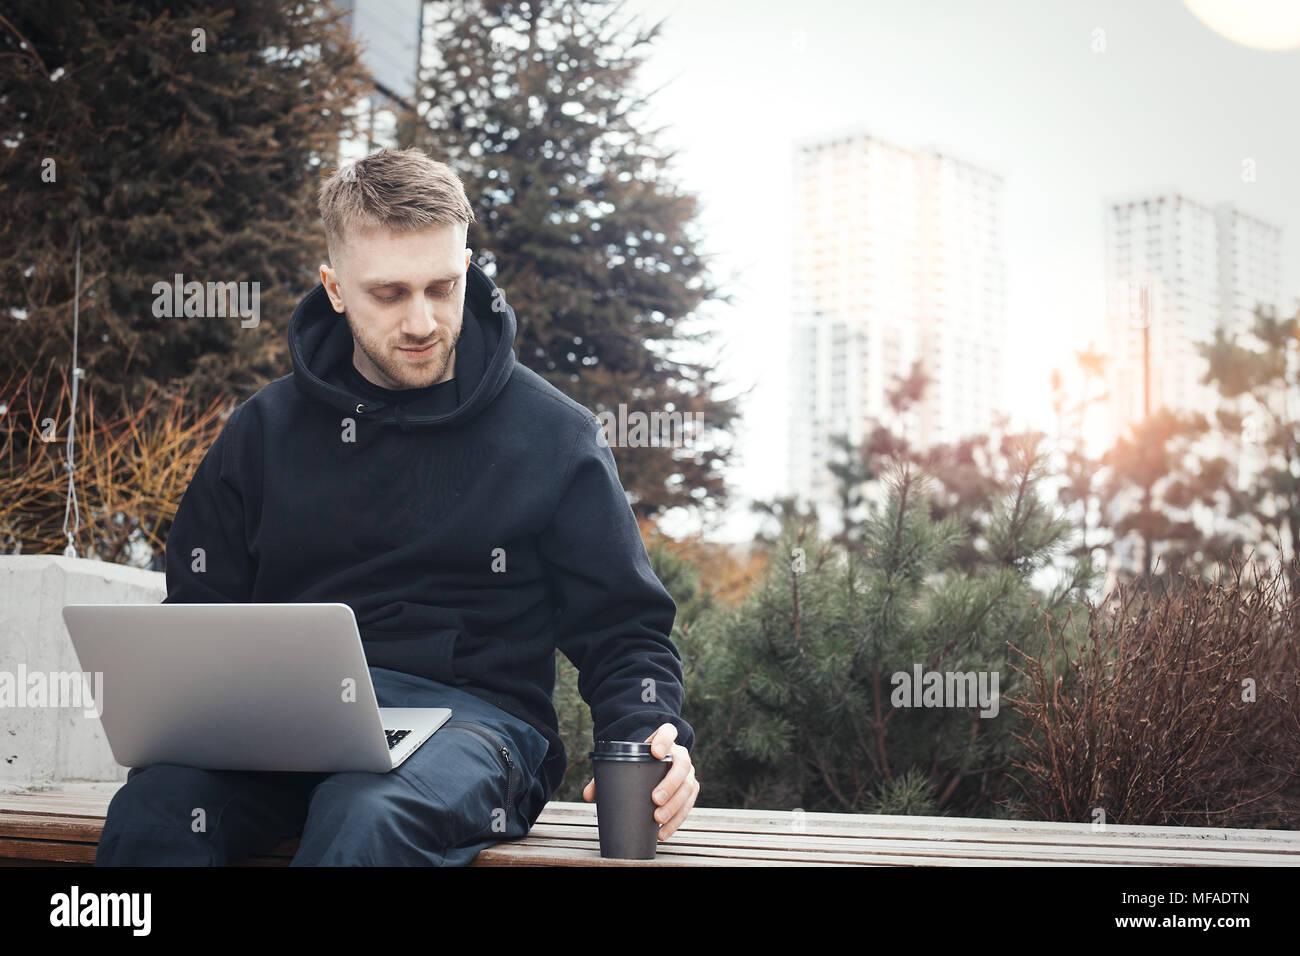 Joven Hombre sujetando el portátil sobre las rodillas. La taza de café negro está junto a él. Imagen De Stock